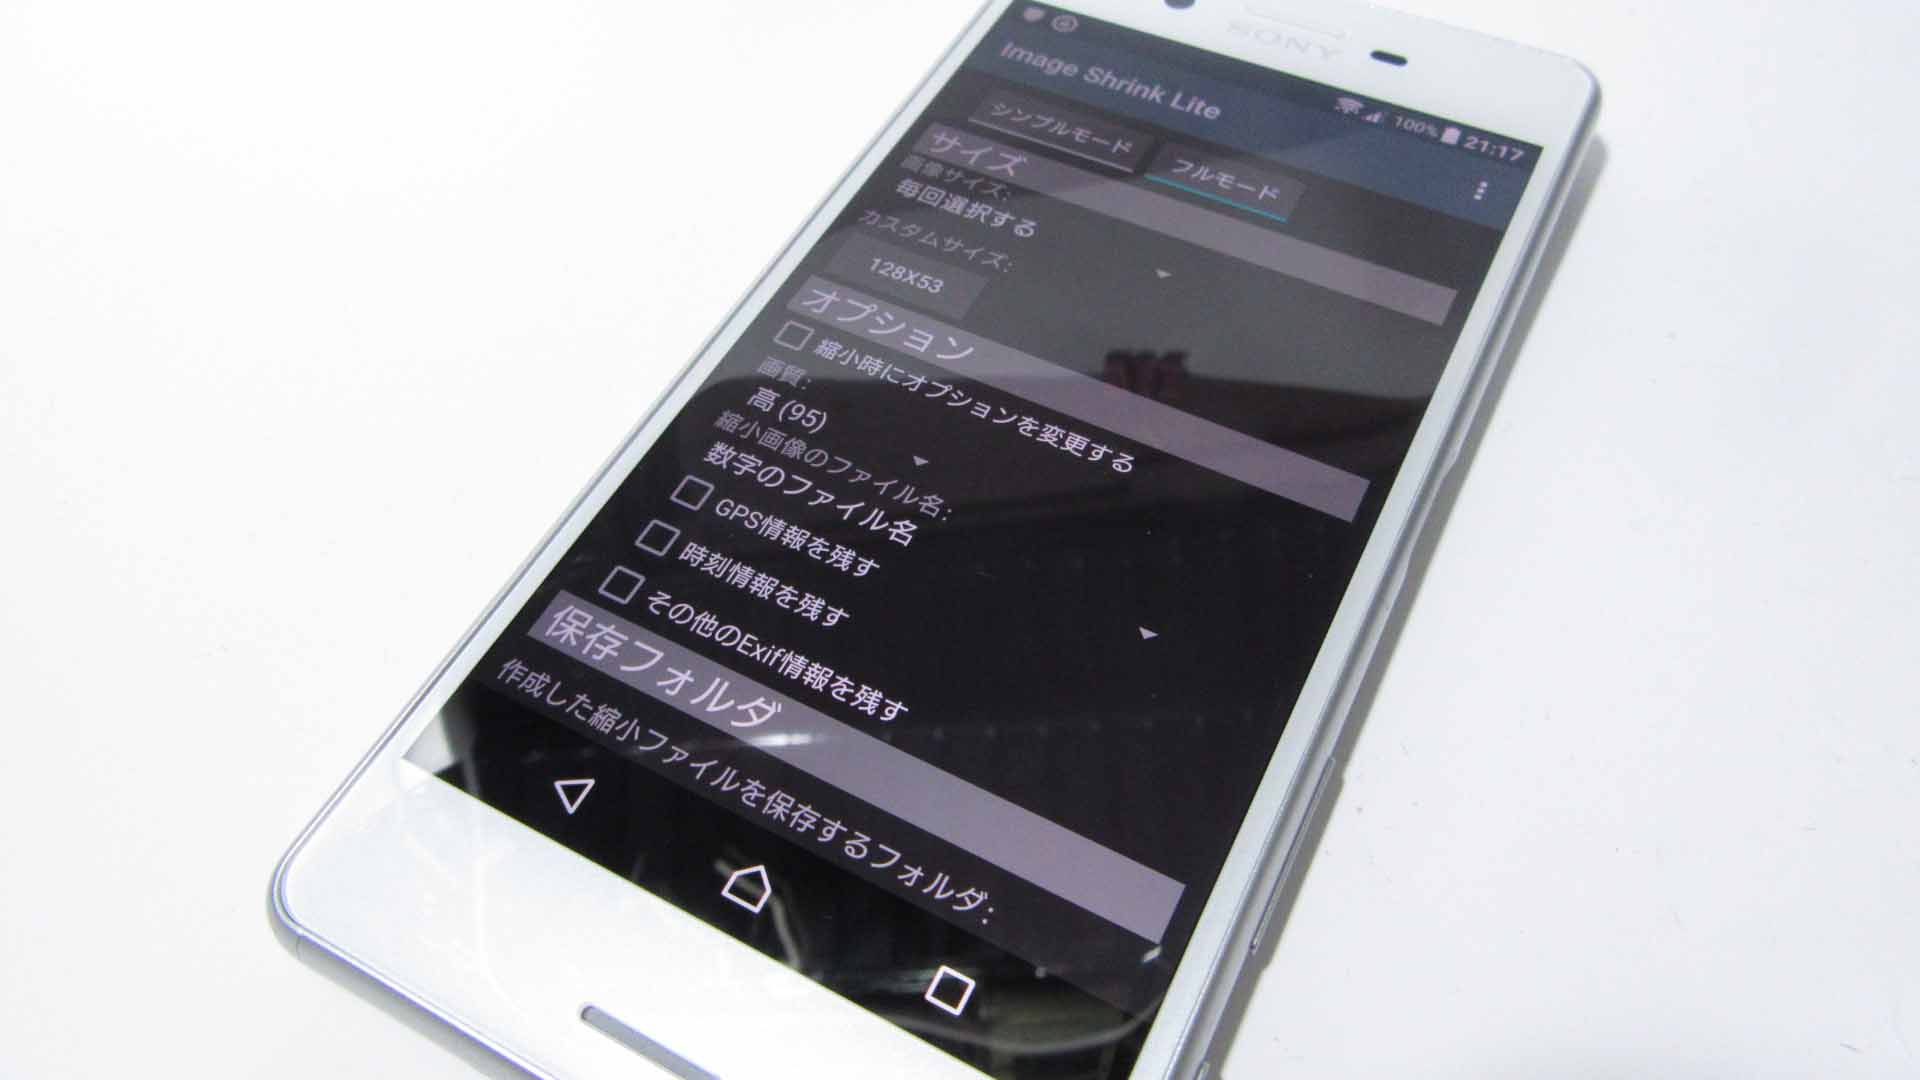 Androidスマホで写真のサイズを縮小したりリサイズしたりするアプリの紹介